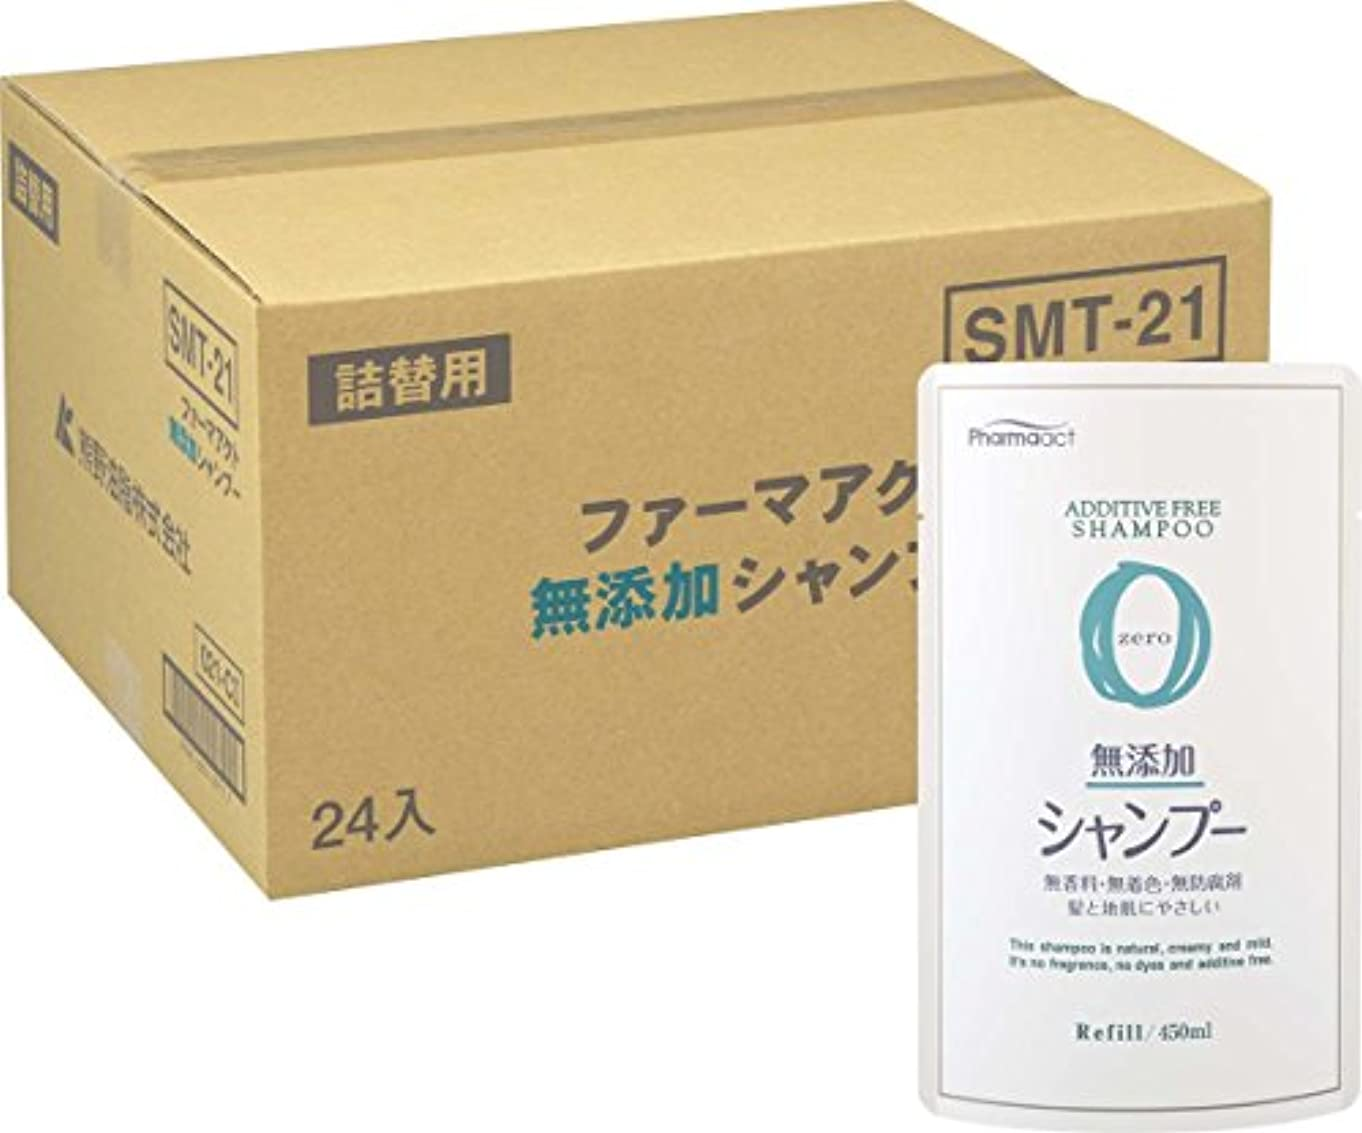 マニアック誓約エキスパート【ケース販売】ファーマアクト 無添加シャンプー詰替用 450ml×24個入